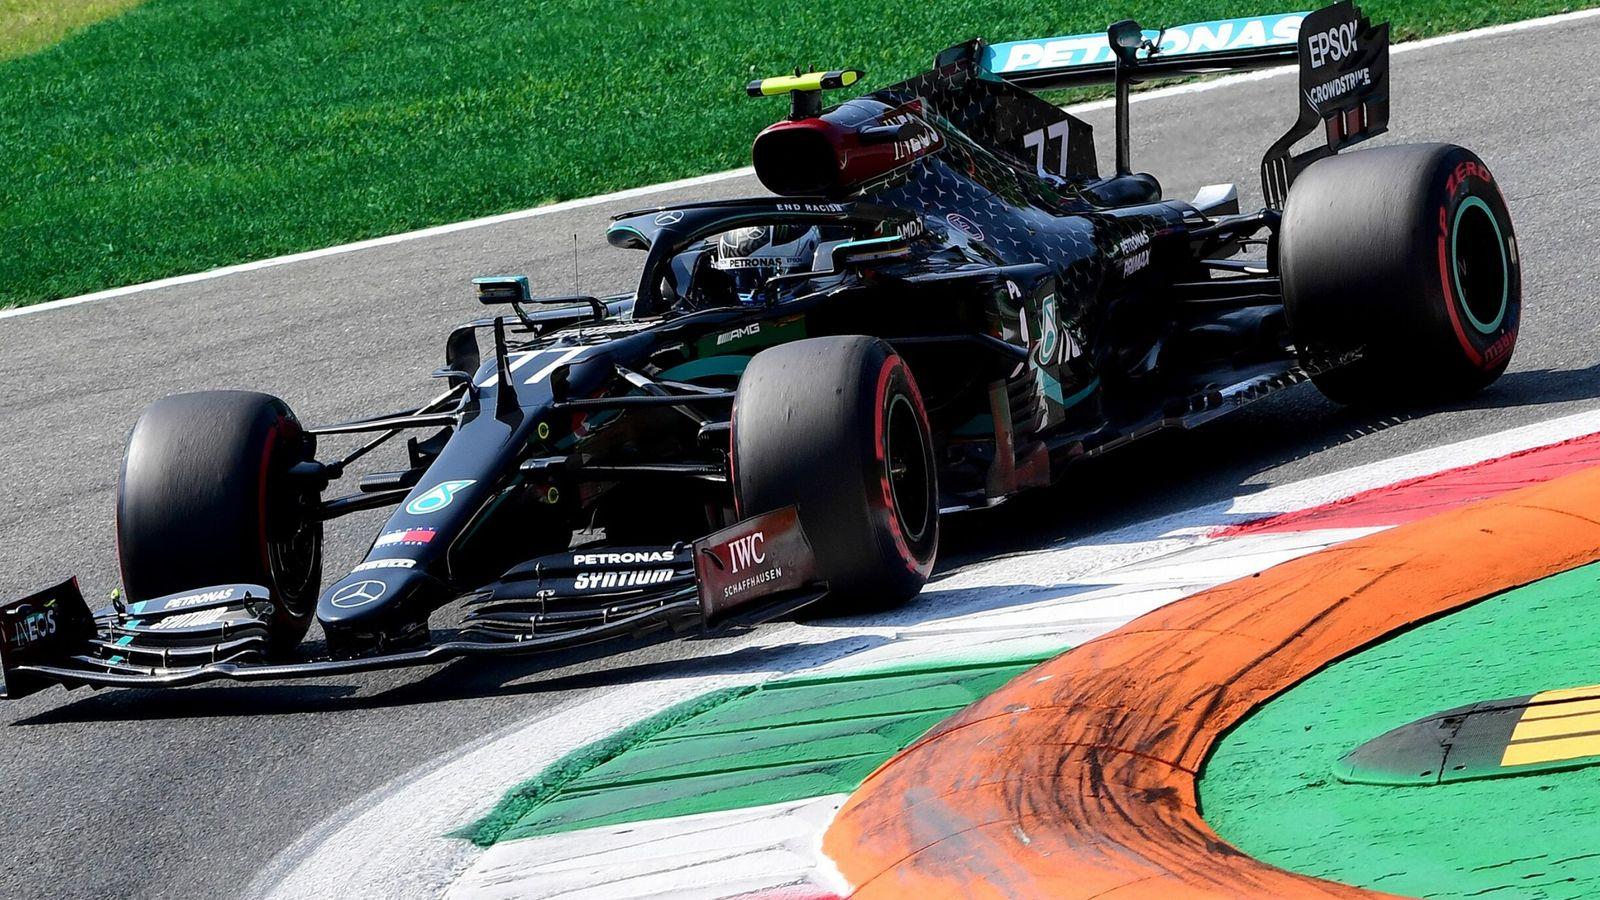 Italy Grand Prix, practice three: Valtteri Bottas fastest ahead of McLaren